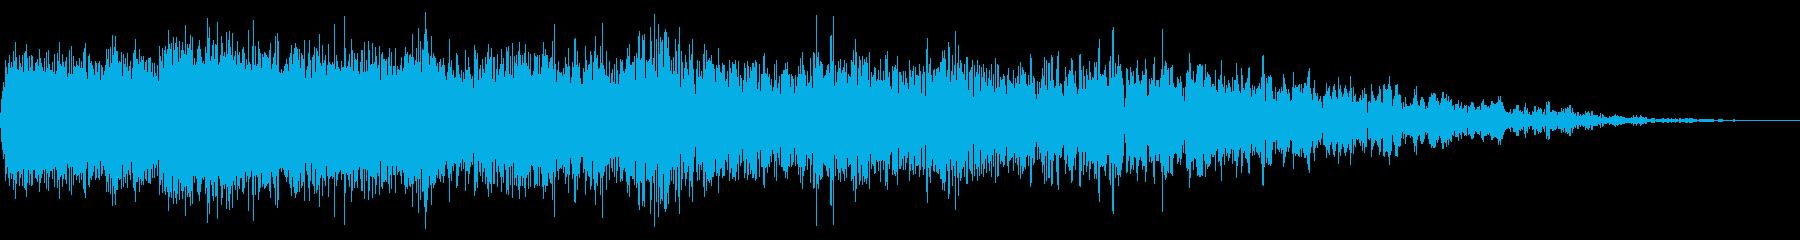 機械ダウン、壊れるA02の再生済みの波形